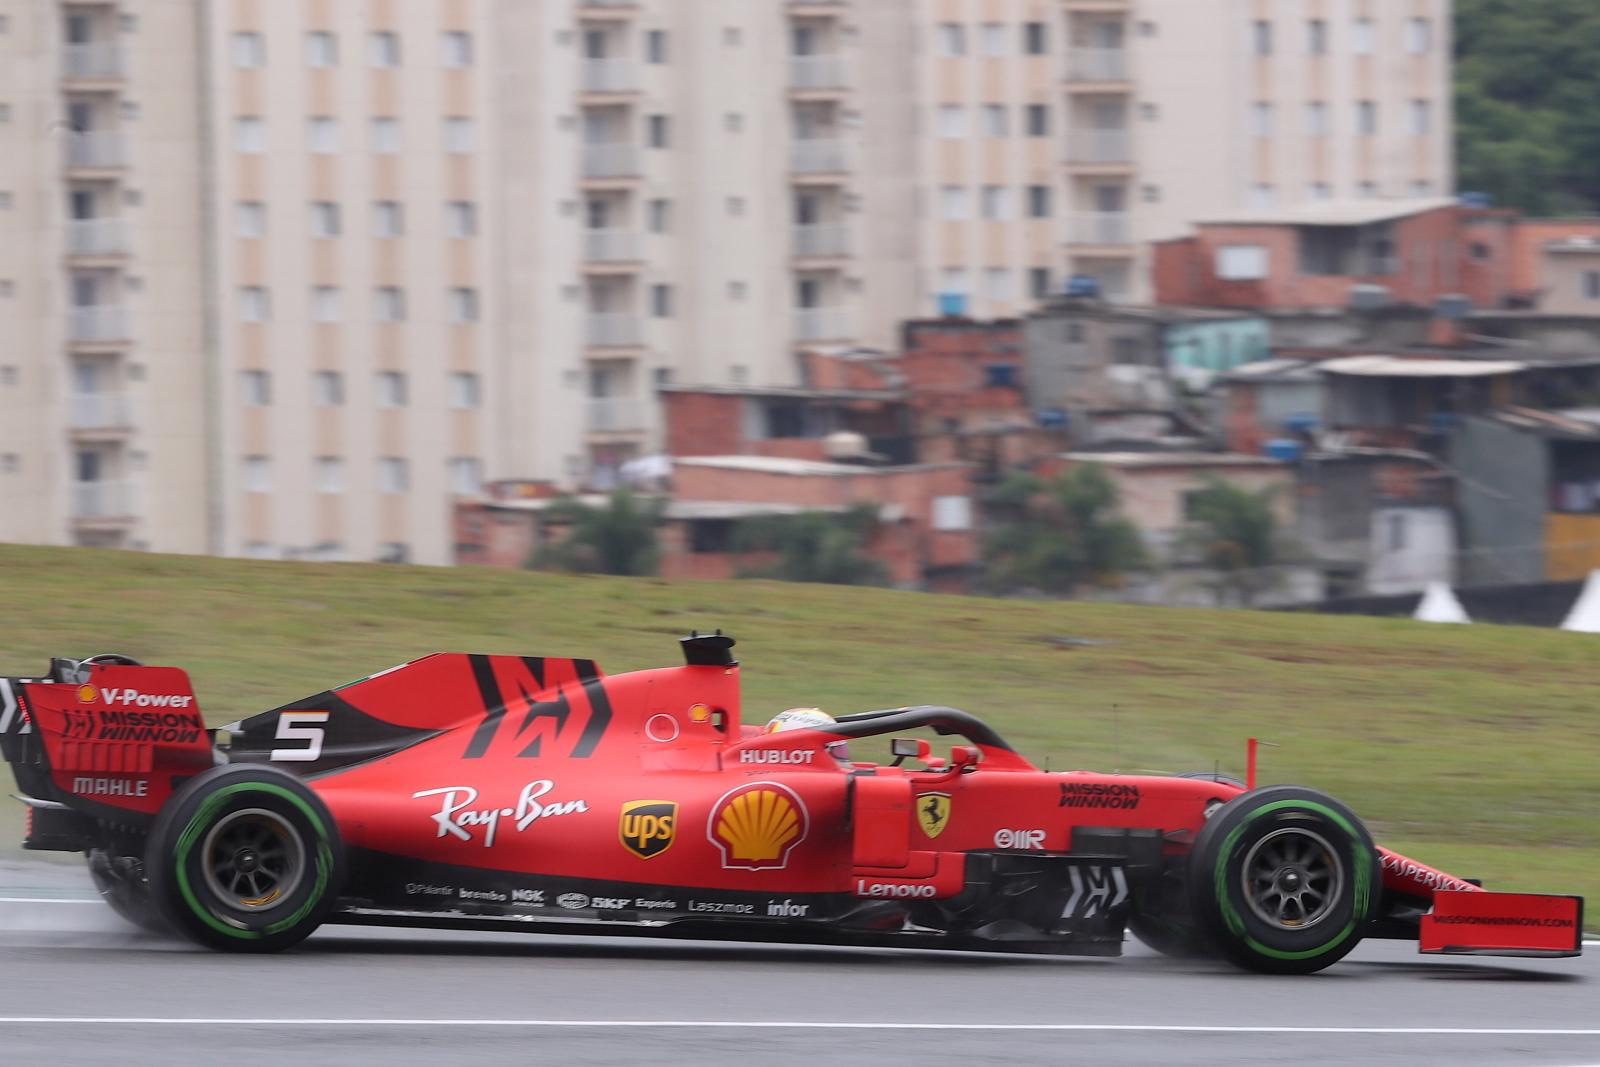 Formuła w Brazylii fot. EPA/Fernando Bizerra Jr.